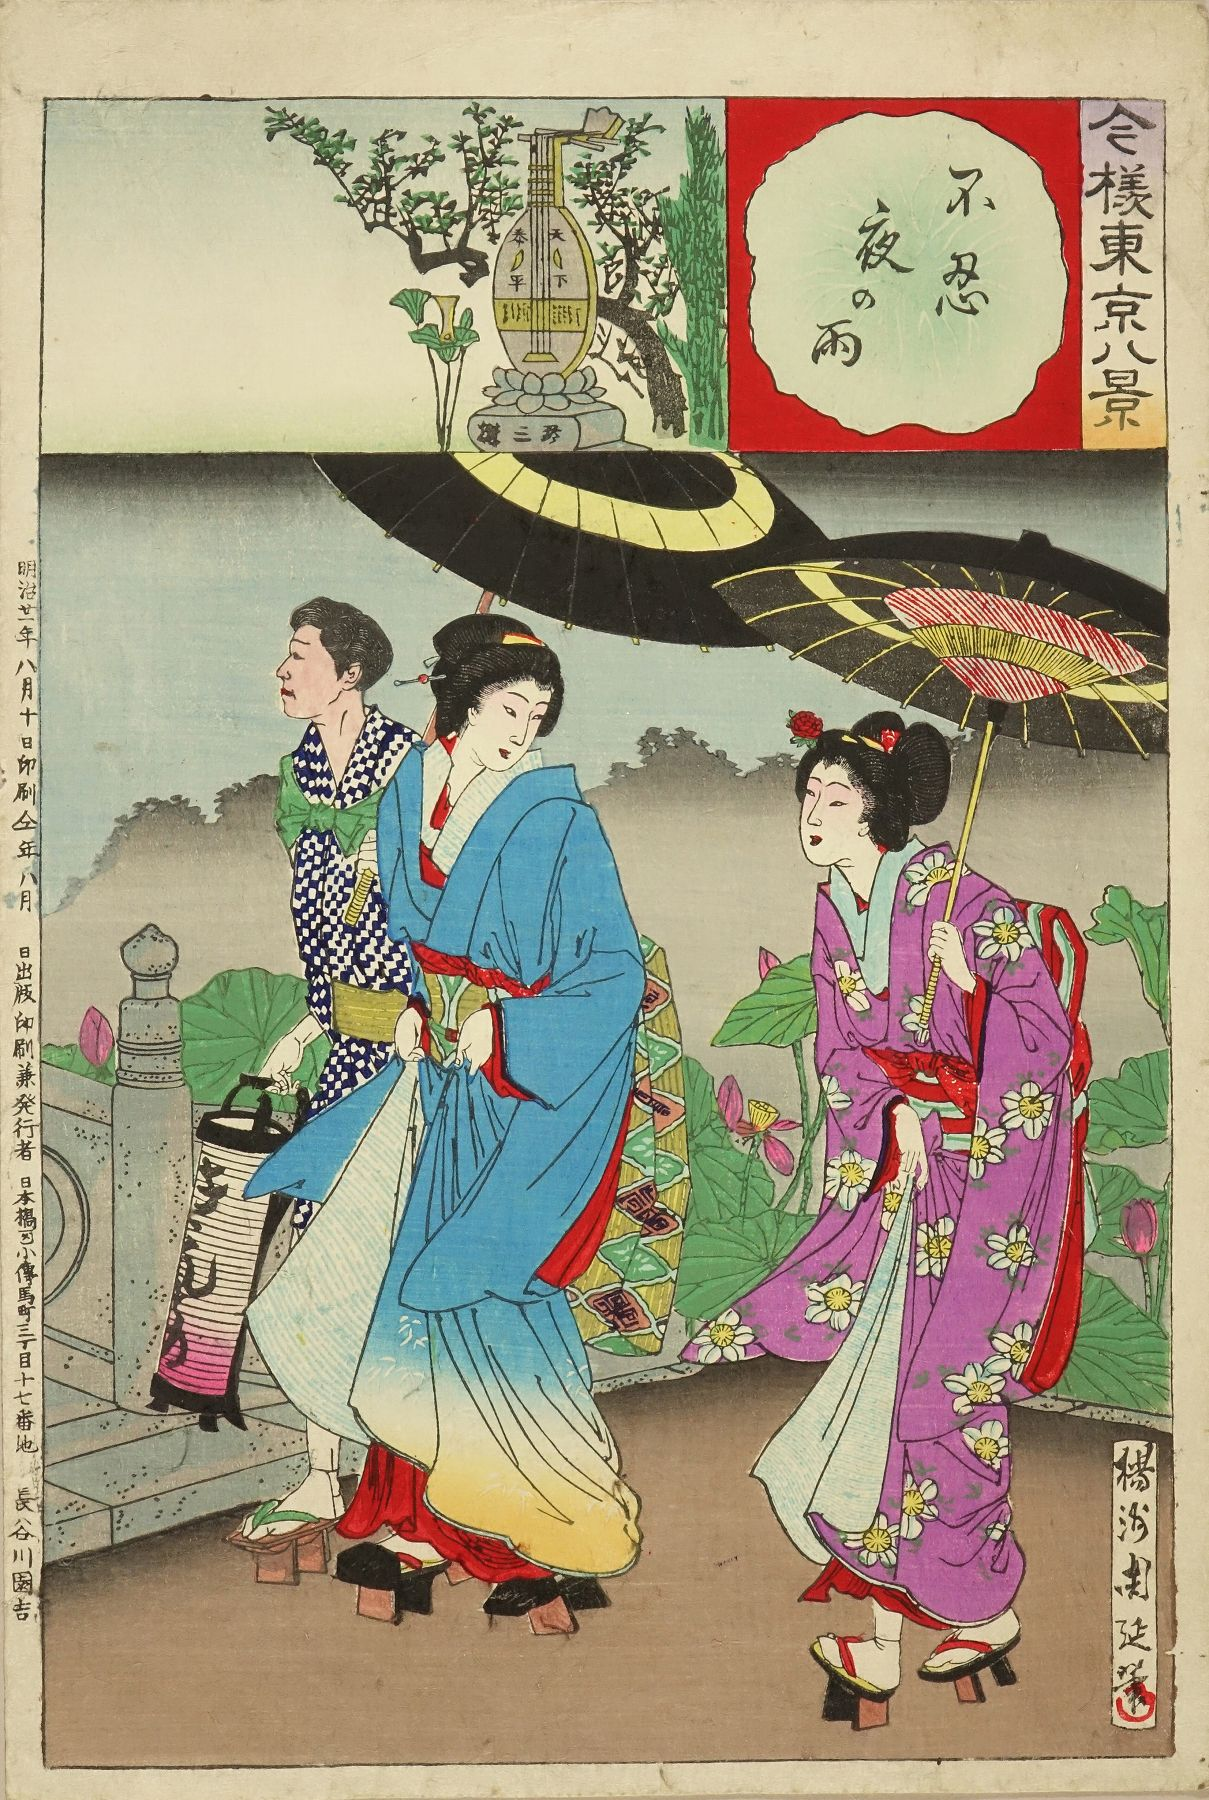 CHIKANOBU <i>Shinobazu yoru no ame</i> (Night rain at Shinobazu), from Imayo <i>Tokyo hakkei</i> (Eight views of modern Tokyo)